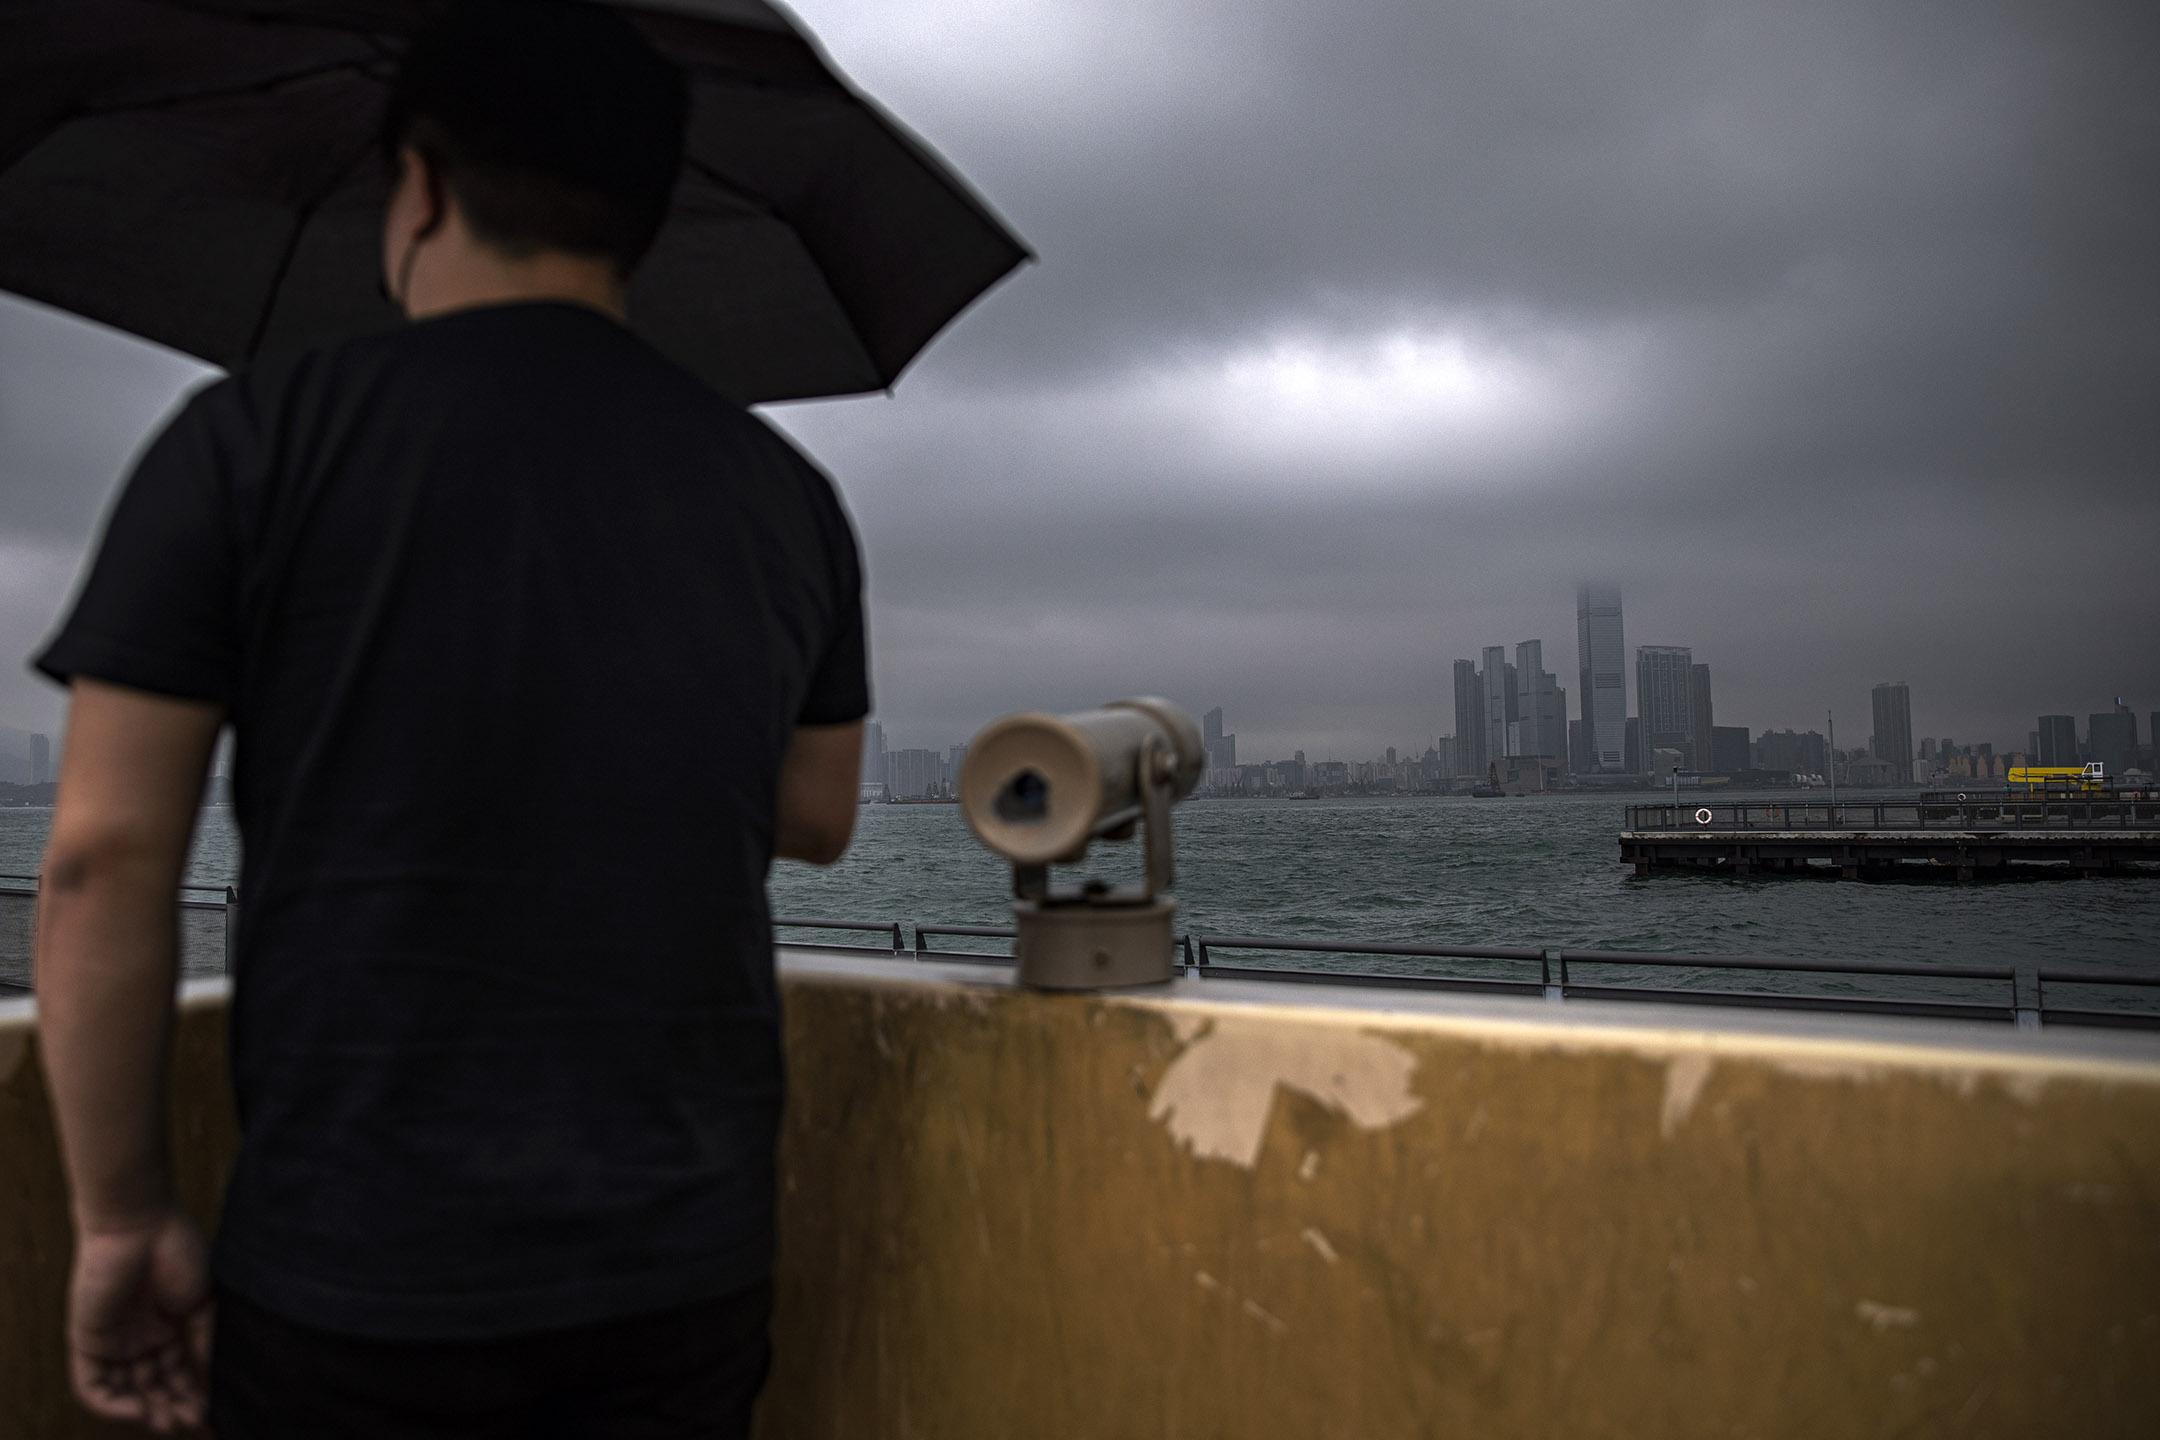 陳民聖(化名),《關注鎖港條例工會聯合陣線》骨幹成員,在香港政局低迷之下,這一工會陣線成為這次反《入境條例》修訂的主要力量。他因工作關係不想上鏡曝光。